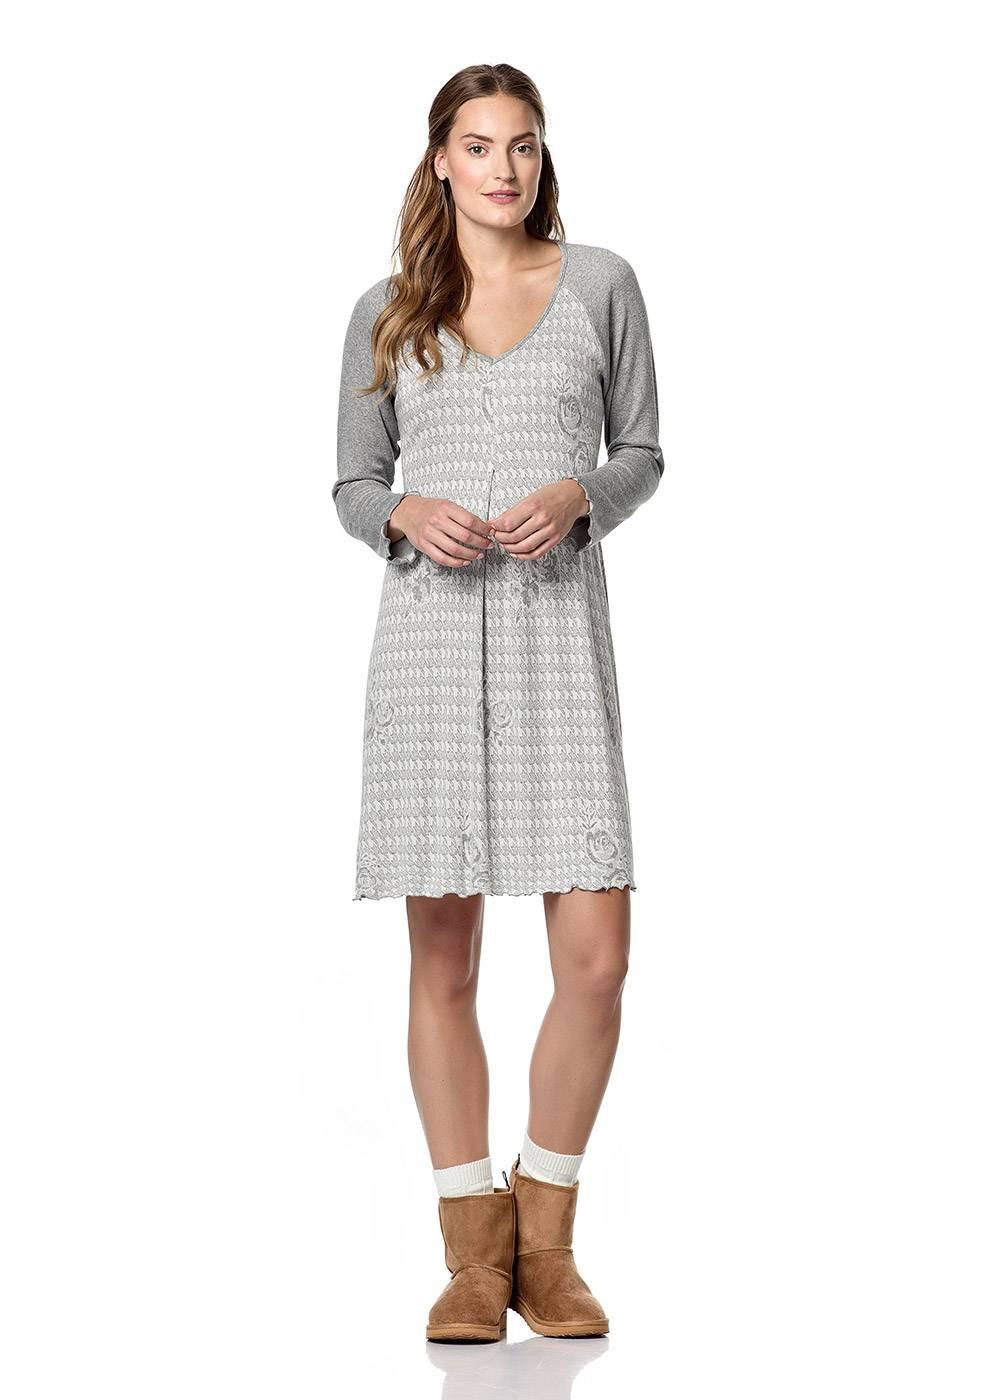 Dámská noční košile 10-4846 - Vamp Barva: šedá, Velikost: L